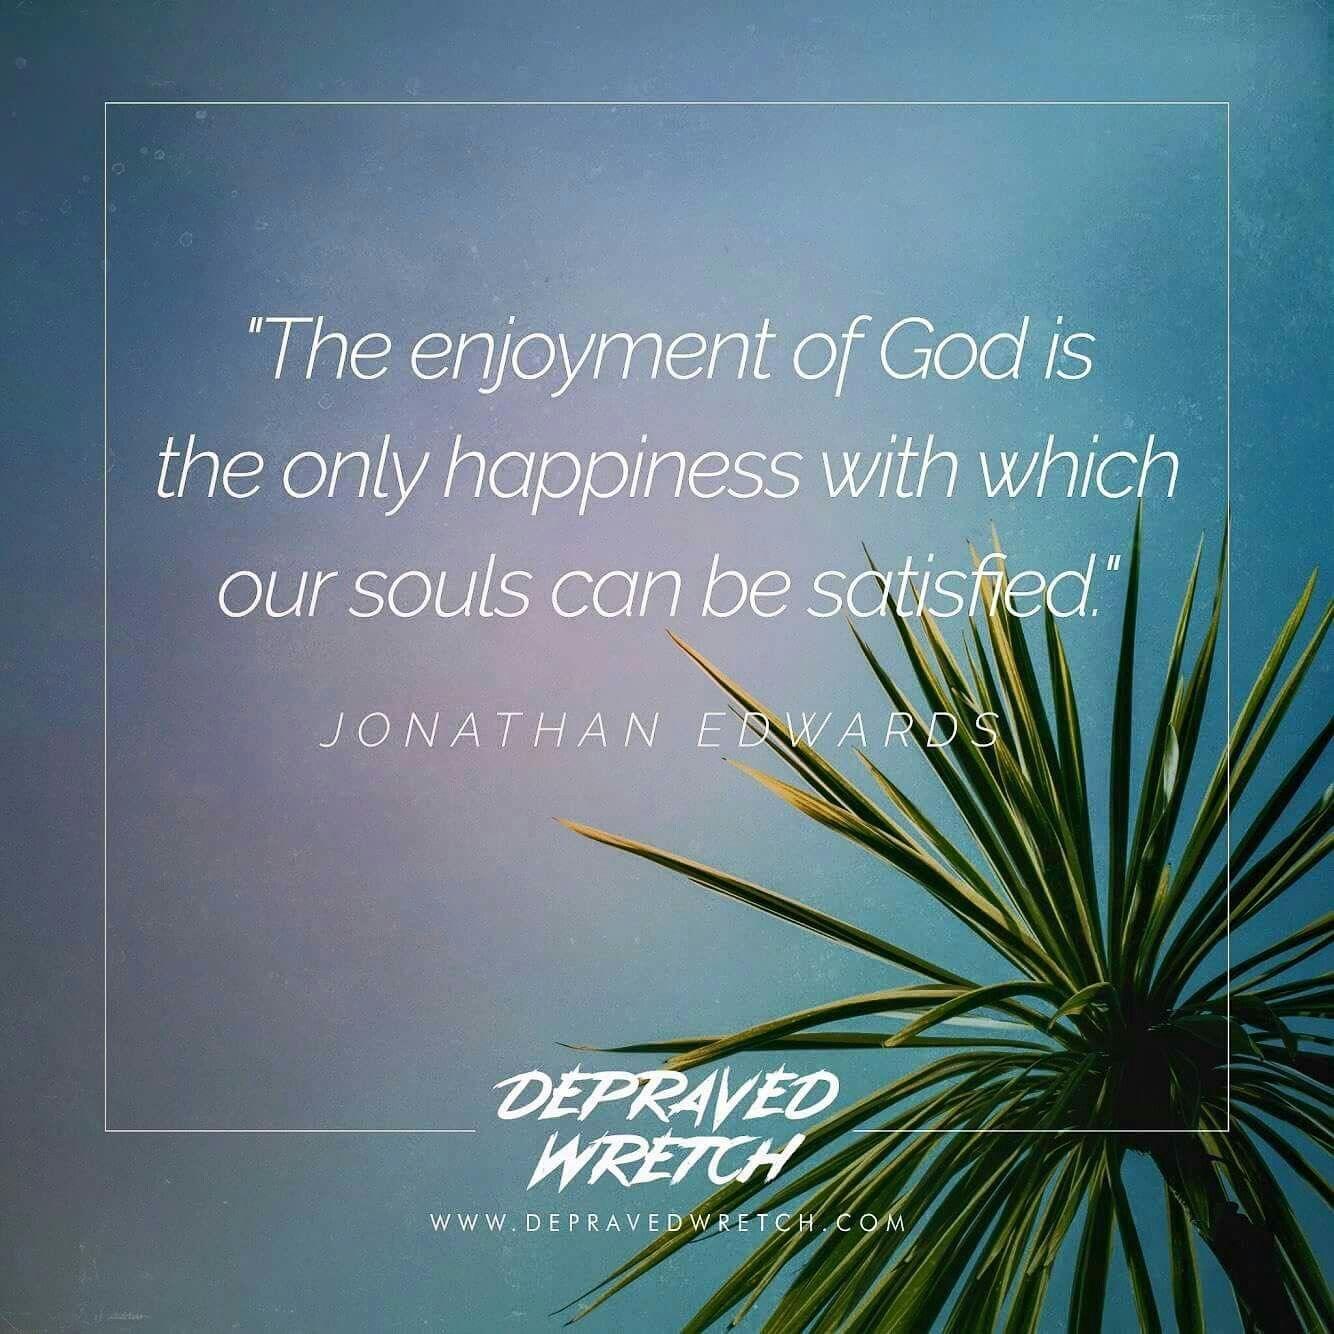 Jonathan Edwards Quotes Christian Quotes  Jonathan Edwards Quotes  God  Enjoyment  Joy